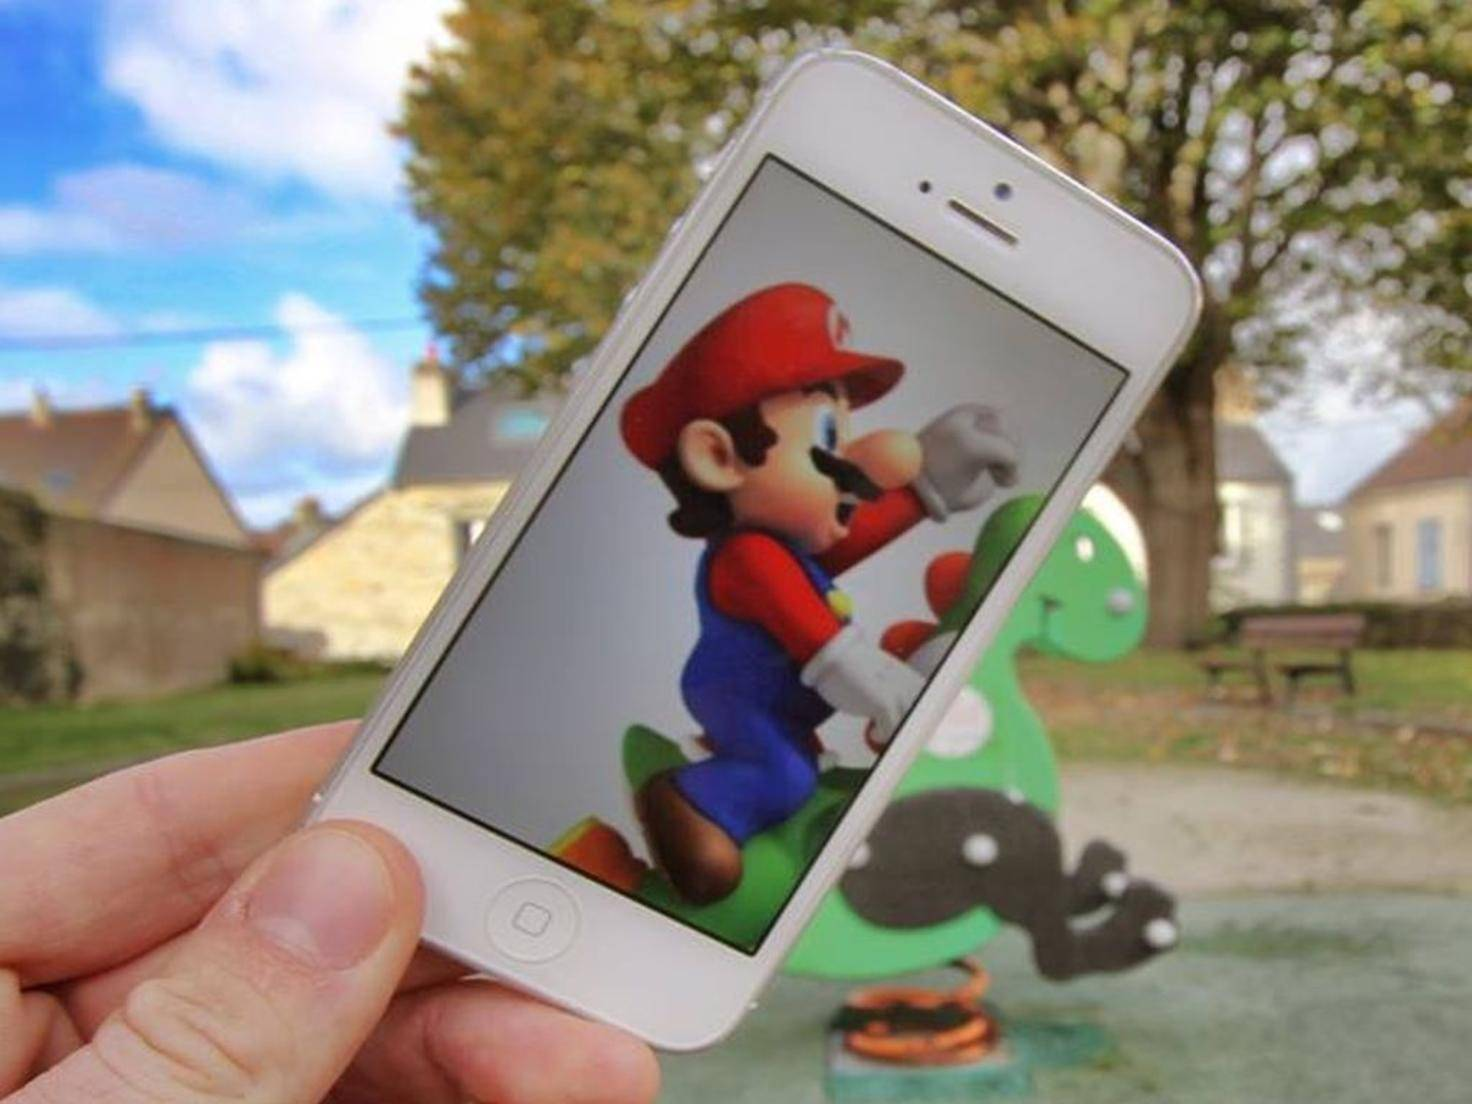 Einmal auf Yoshi reiten: Das wäre wohl der Traum aller Kinder.